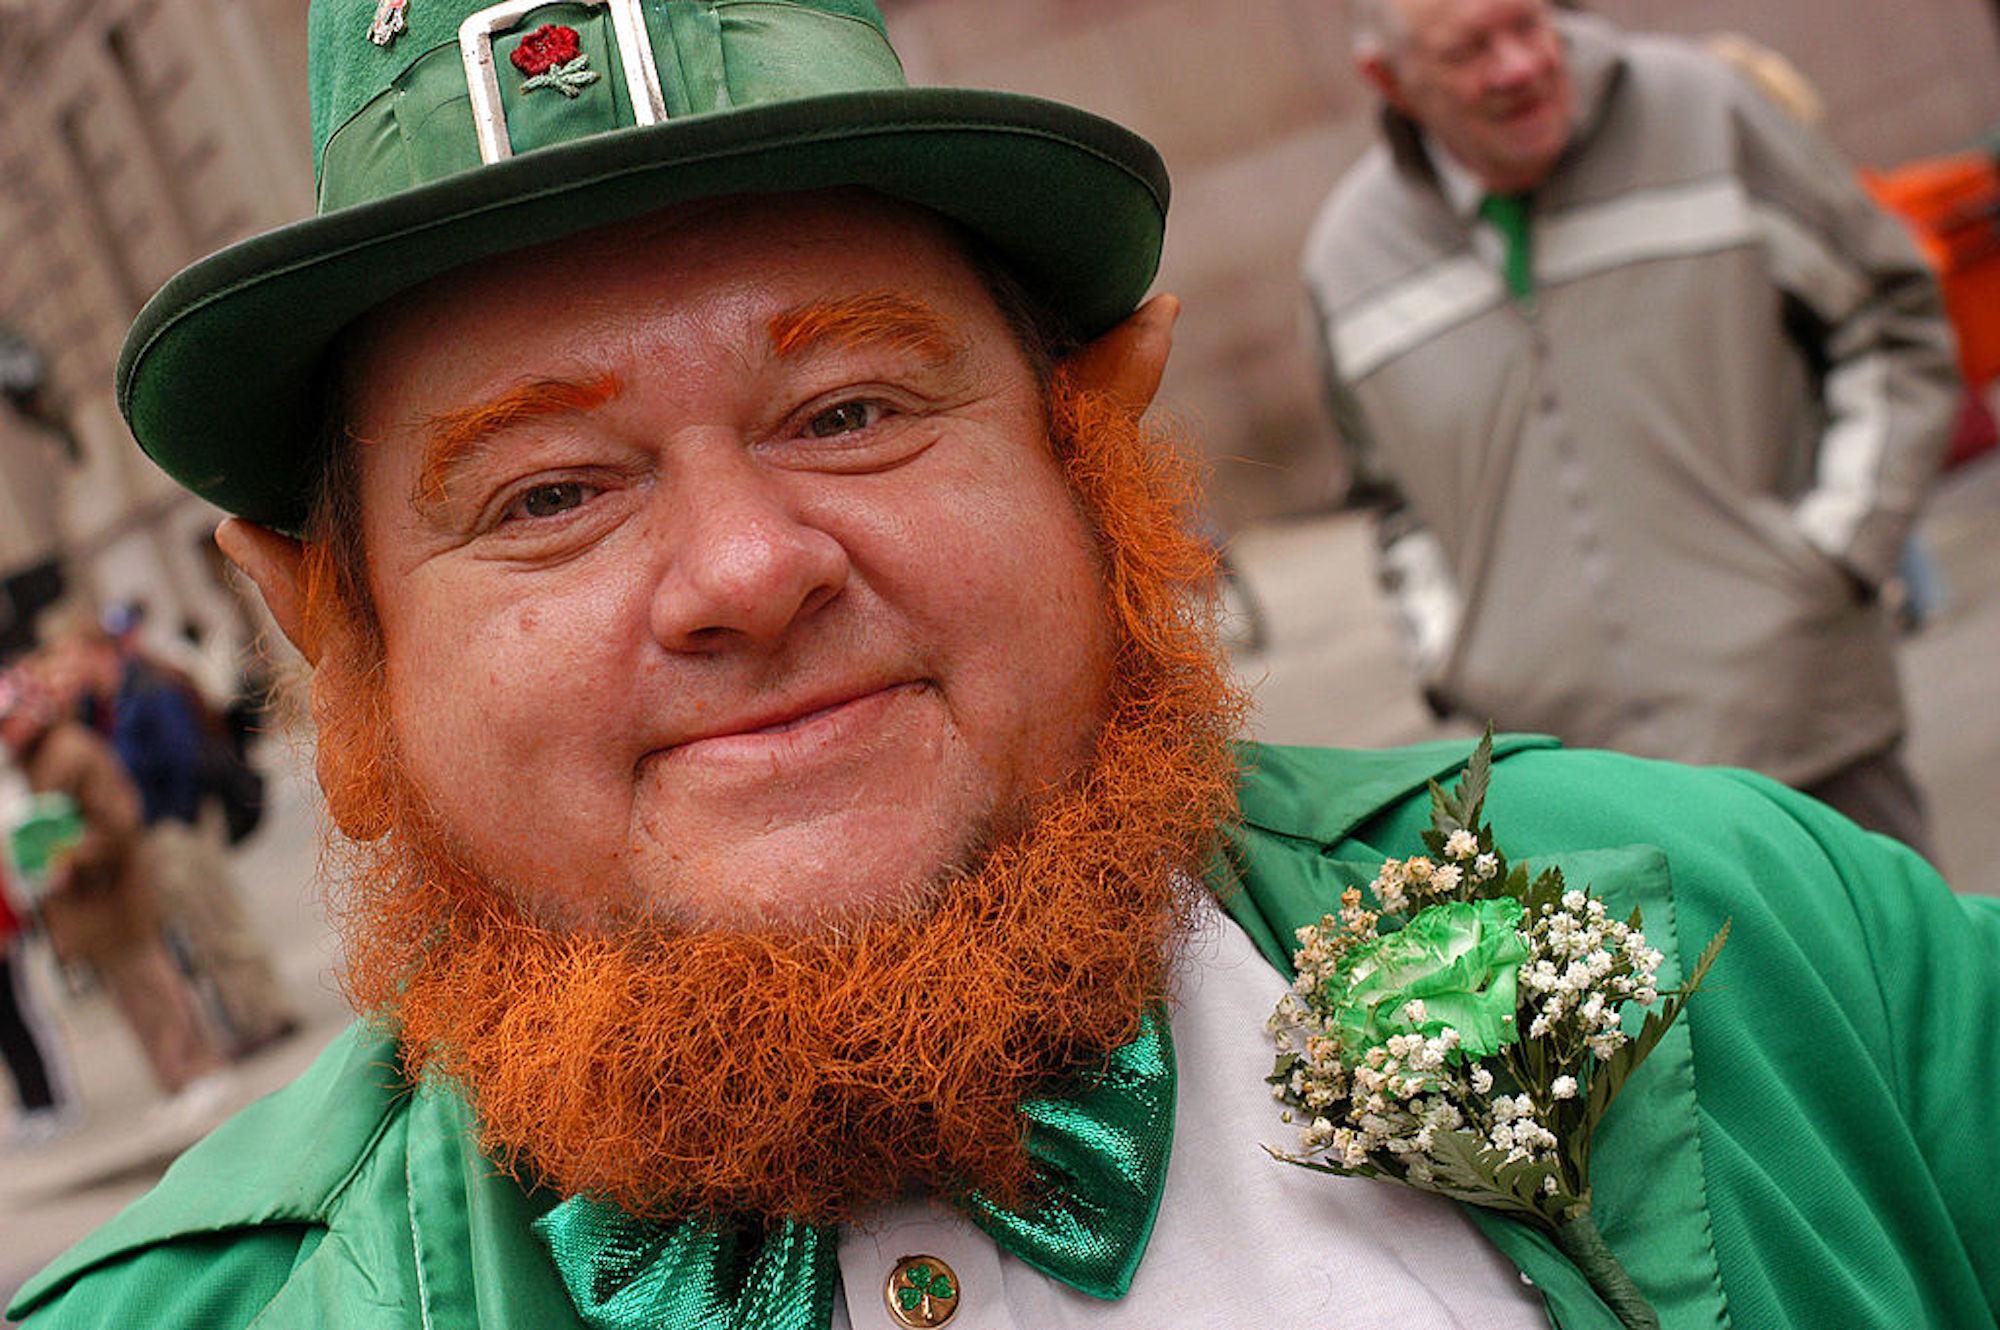 Día de San Patricio: ¿por qué la cerveza y la ropa verde?